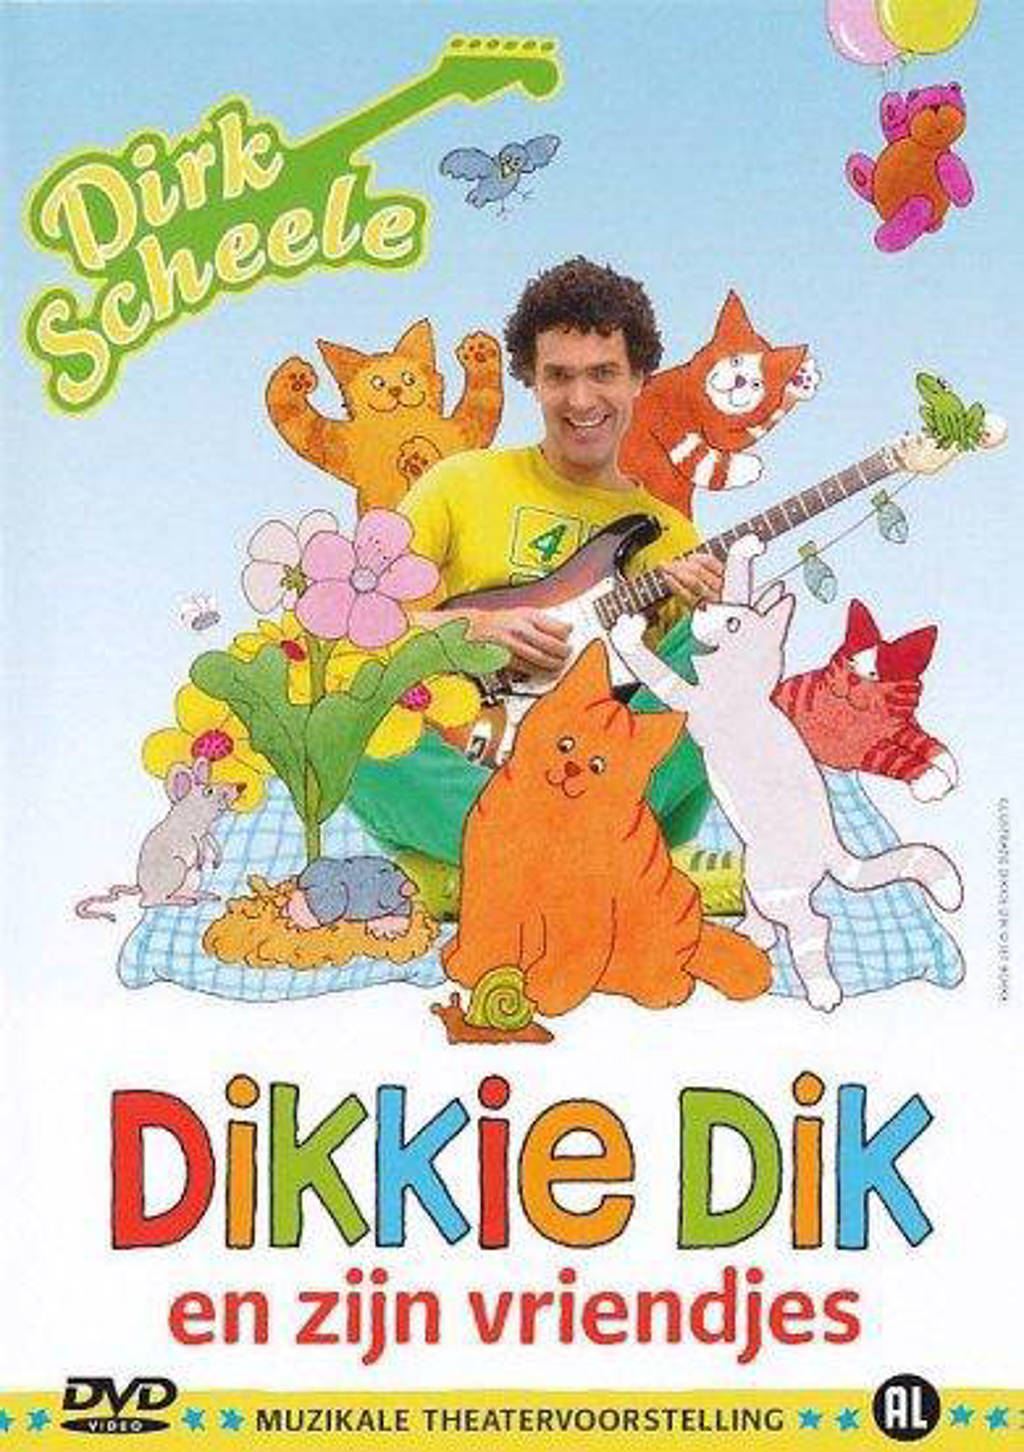 Dirk Scheele - Dikkie Dik En Zijn Vriendjes (DVD)